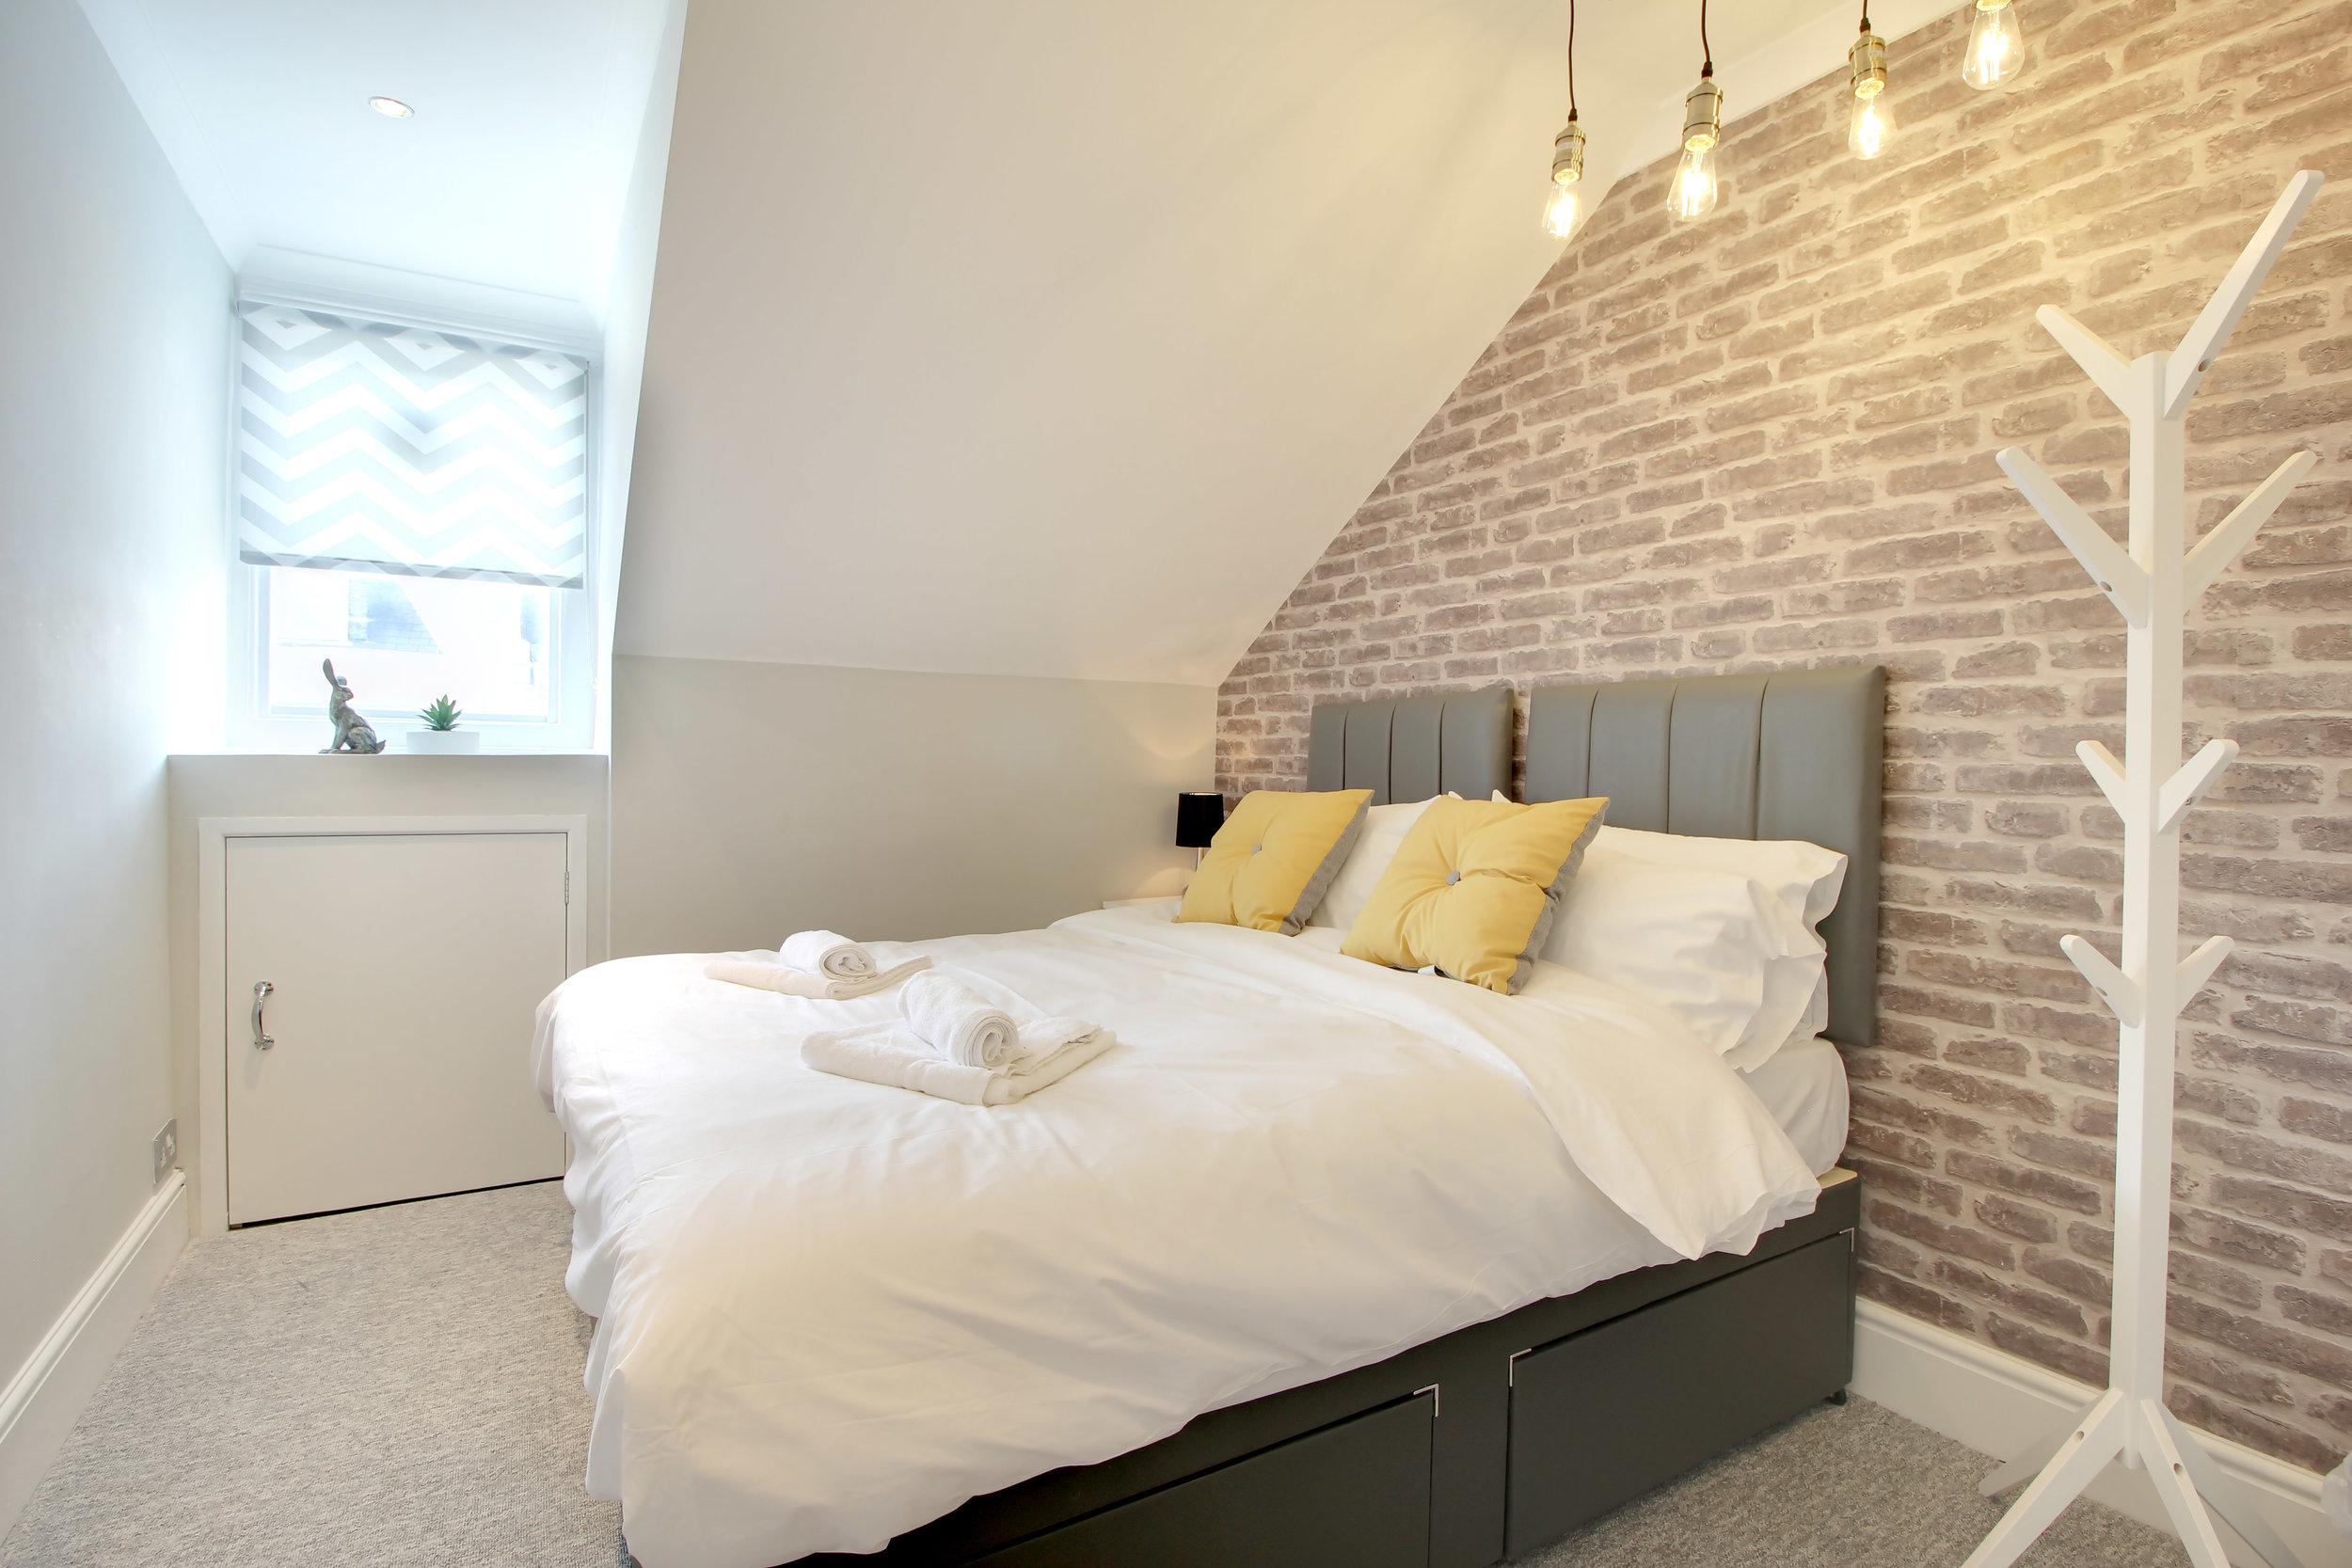 Bedroom 2 image 3.jpg